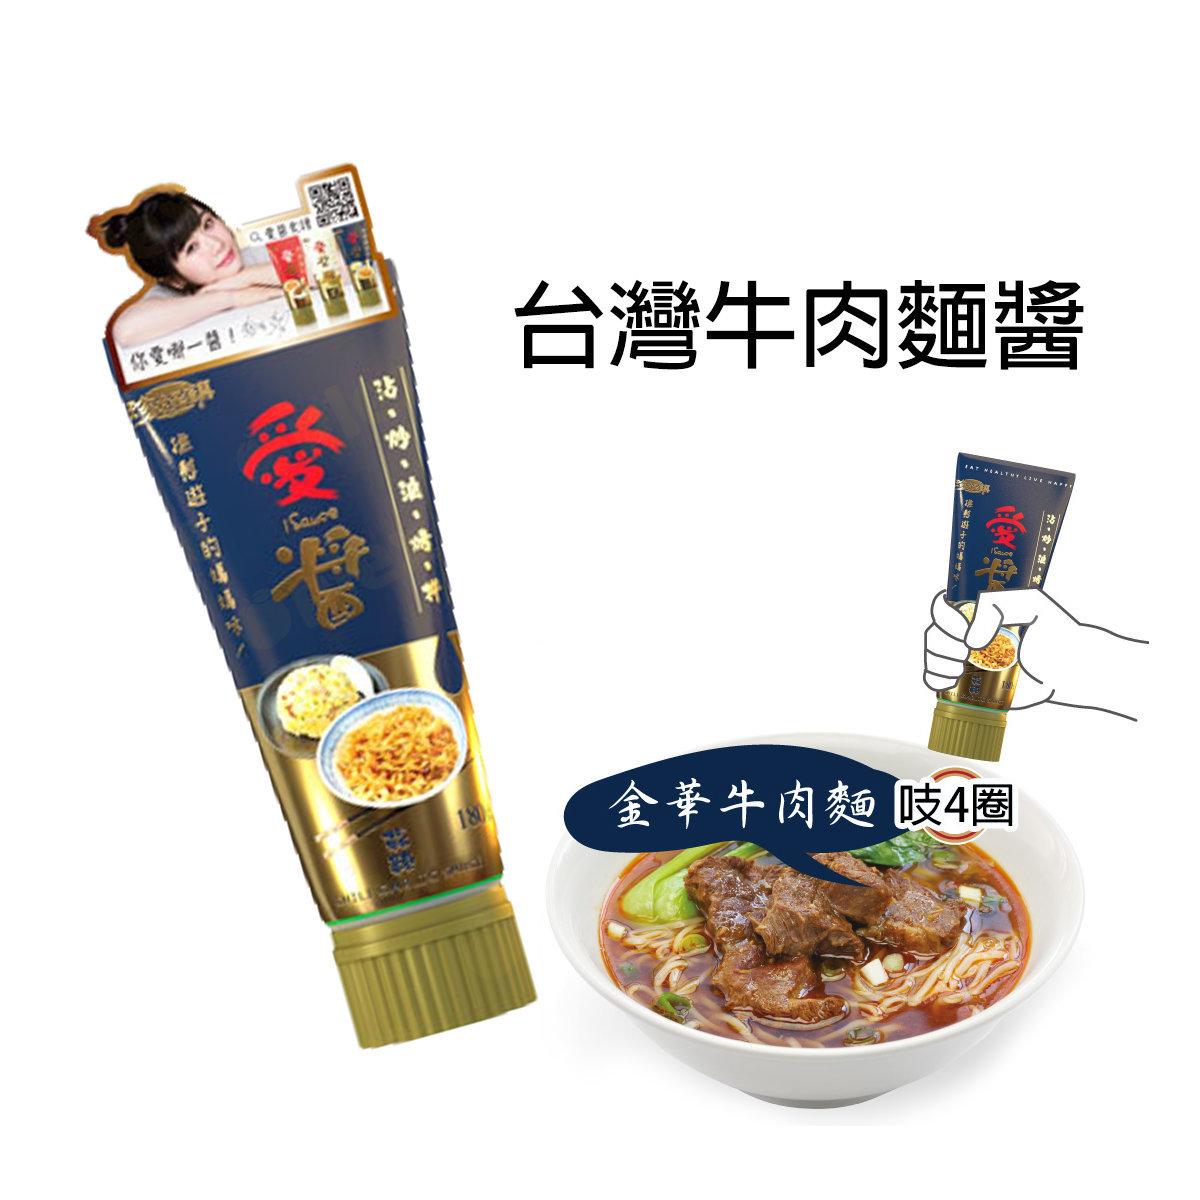 台灣愛醬蒜辣口味牛肉麵醬 (藍色) (180毫升)